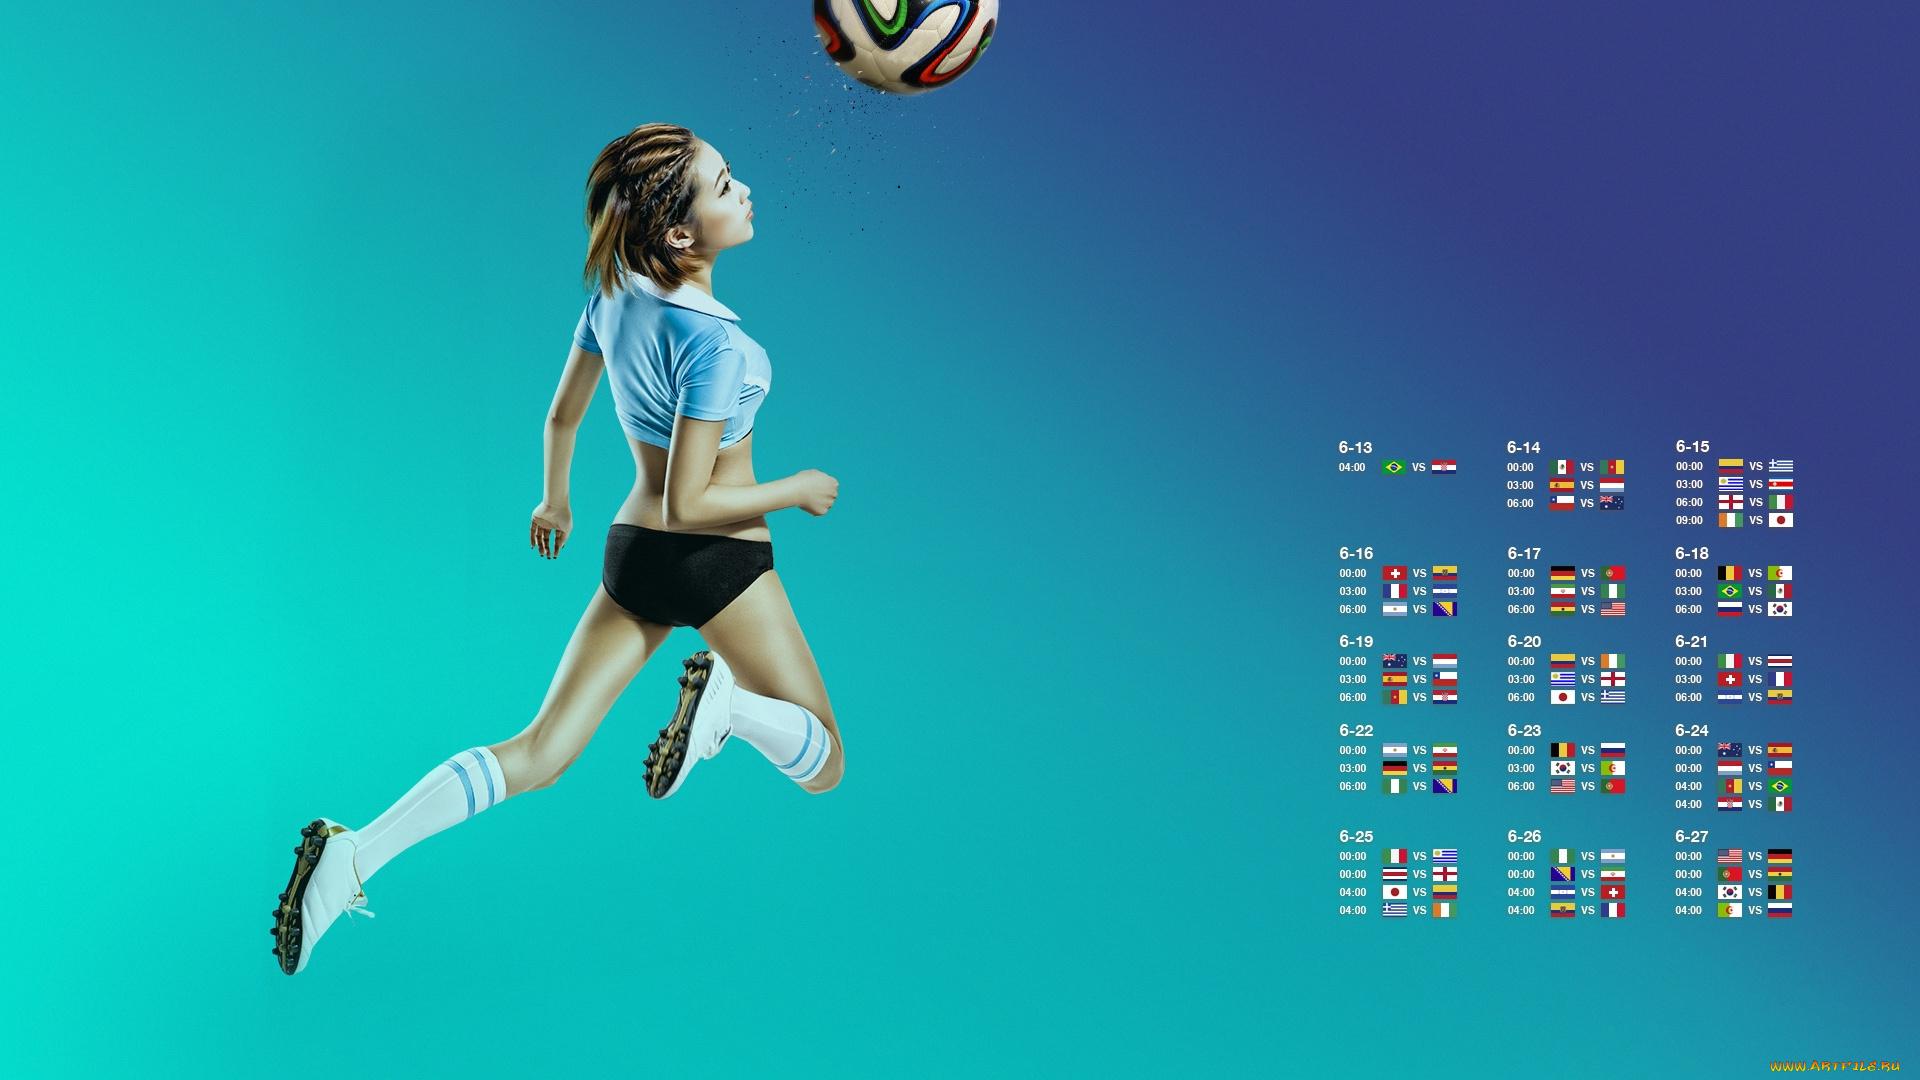 девушка спорт футбол загрузить